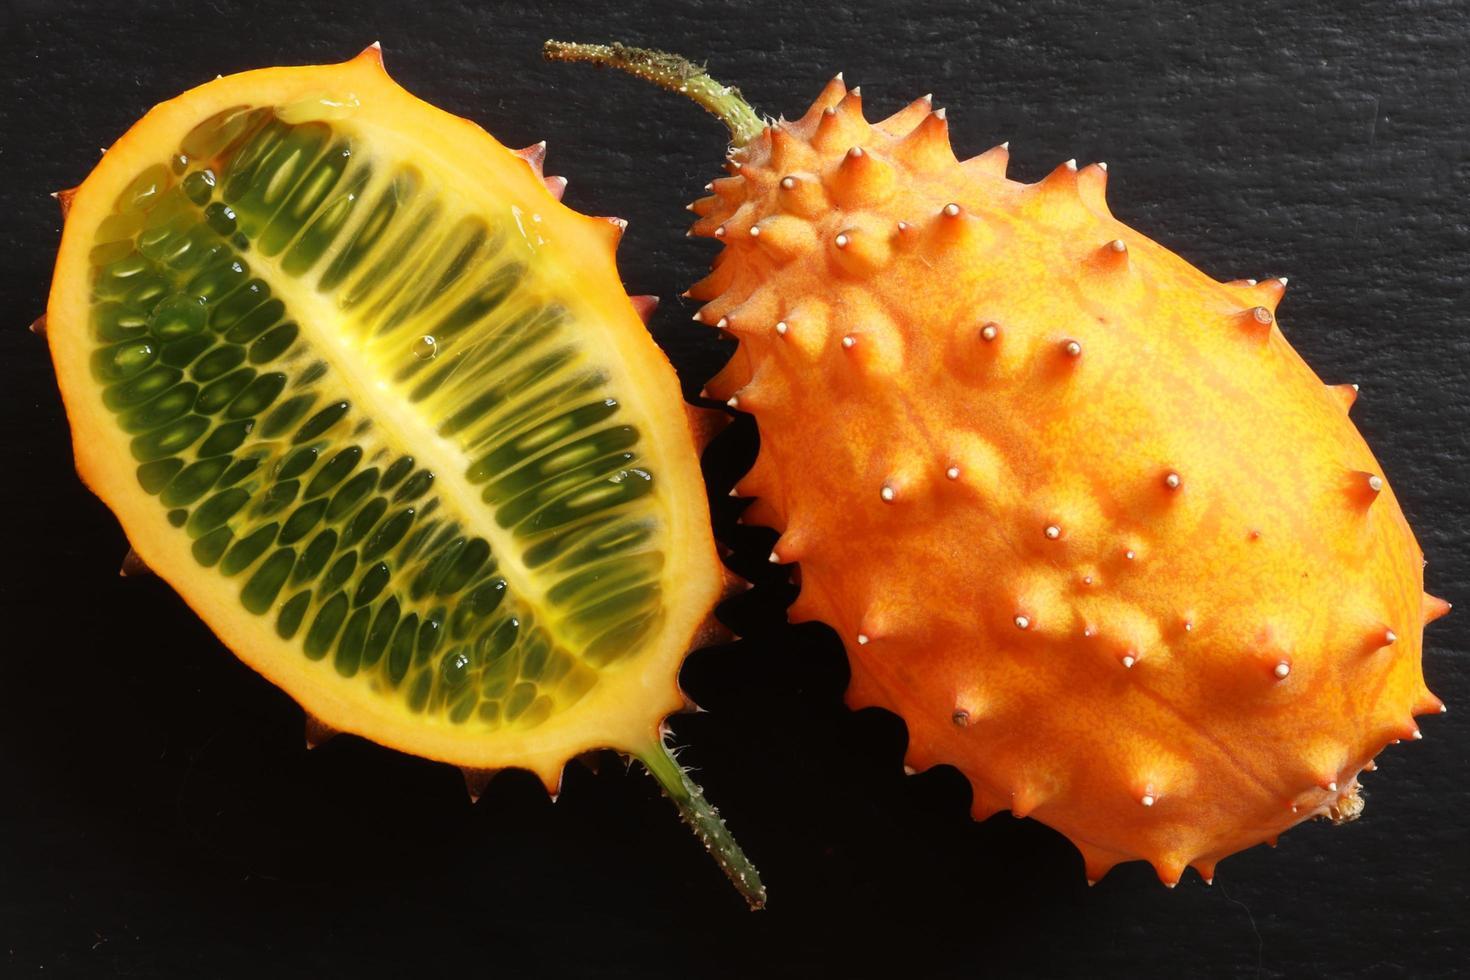 gehoornde meloen fruit foto